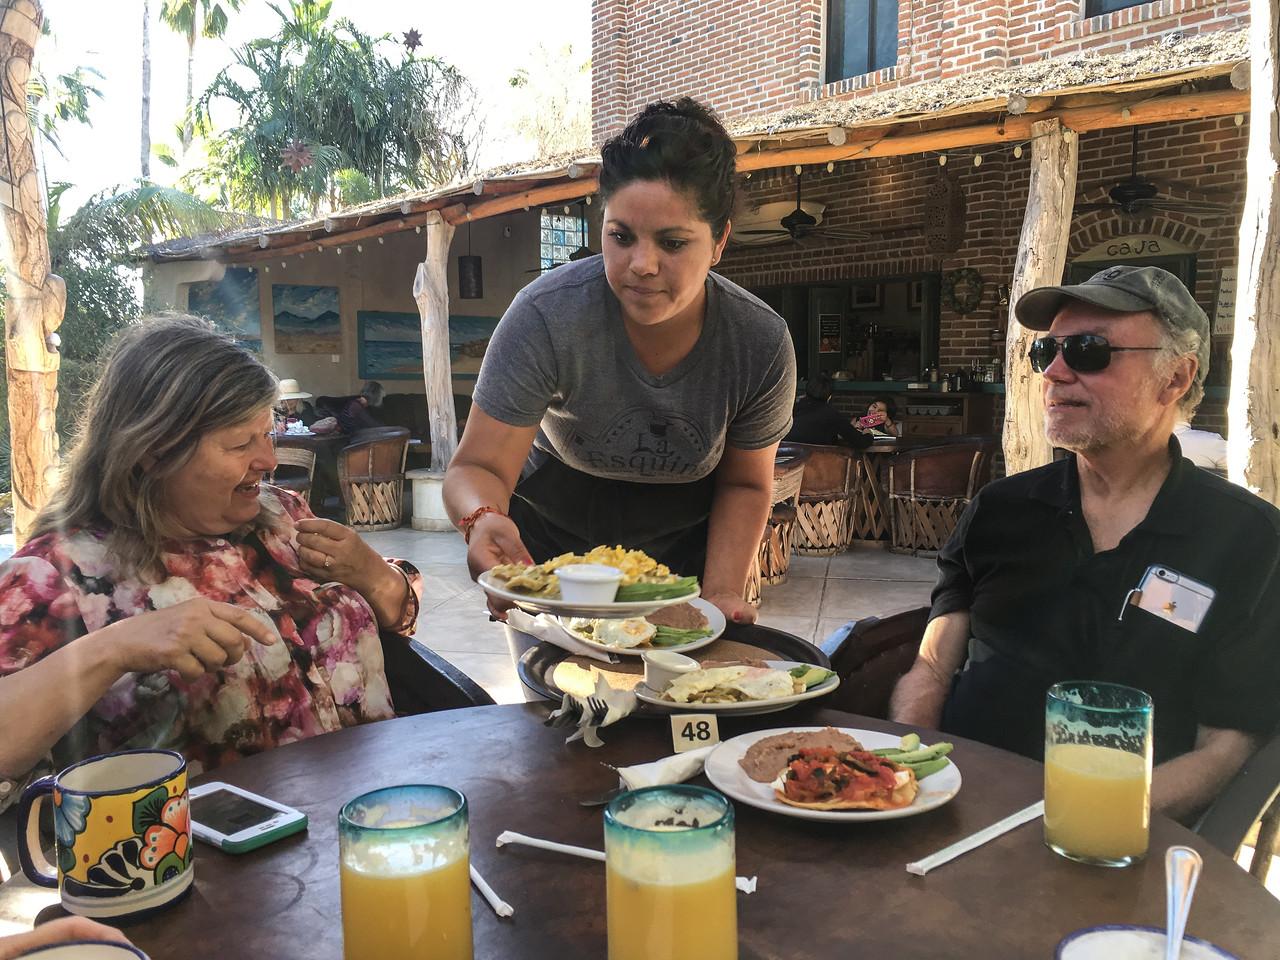 Breakfast at La Esquina